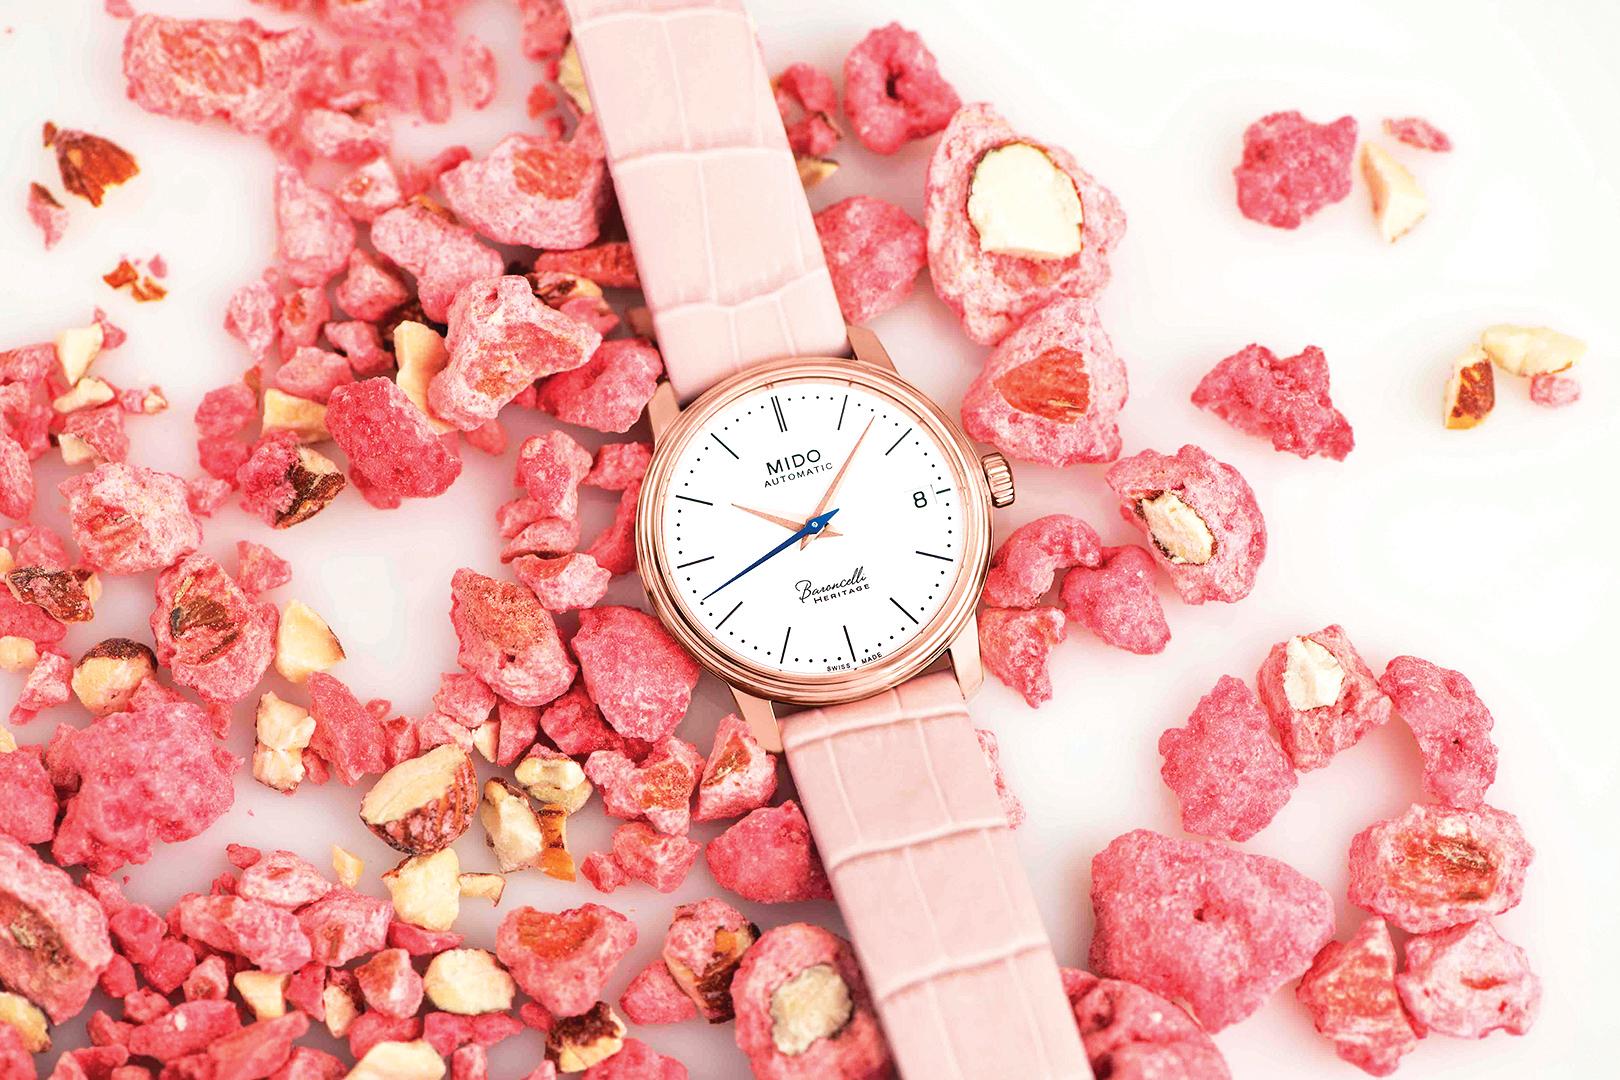 MIDO美度錶推出Baroncelli Heritage Lady永恆系列復刻超薄腕錶。